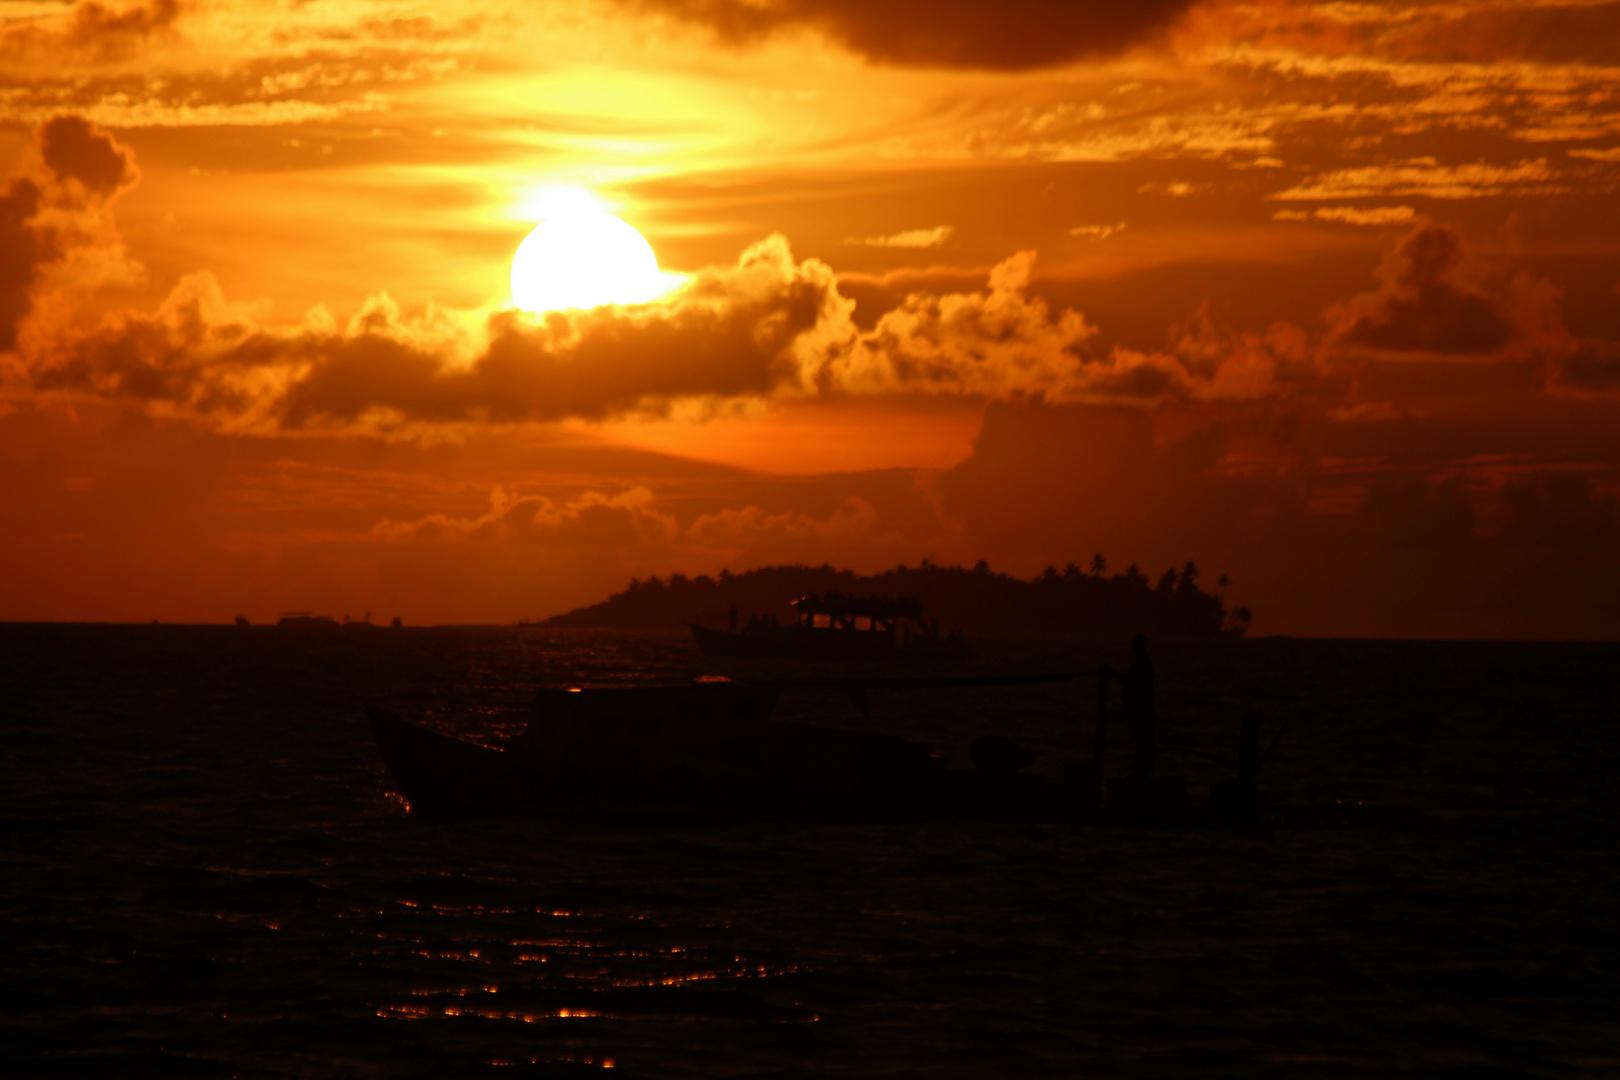 Reger Schiffsverkehr kurz vor Sonnenuntergang.